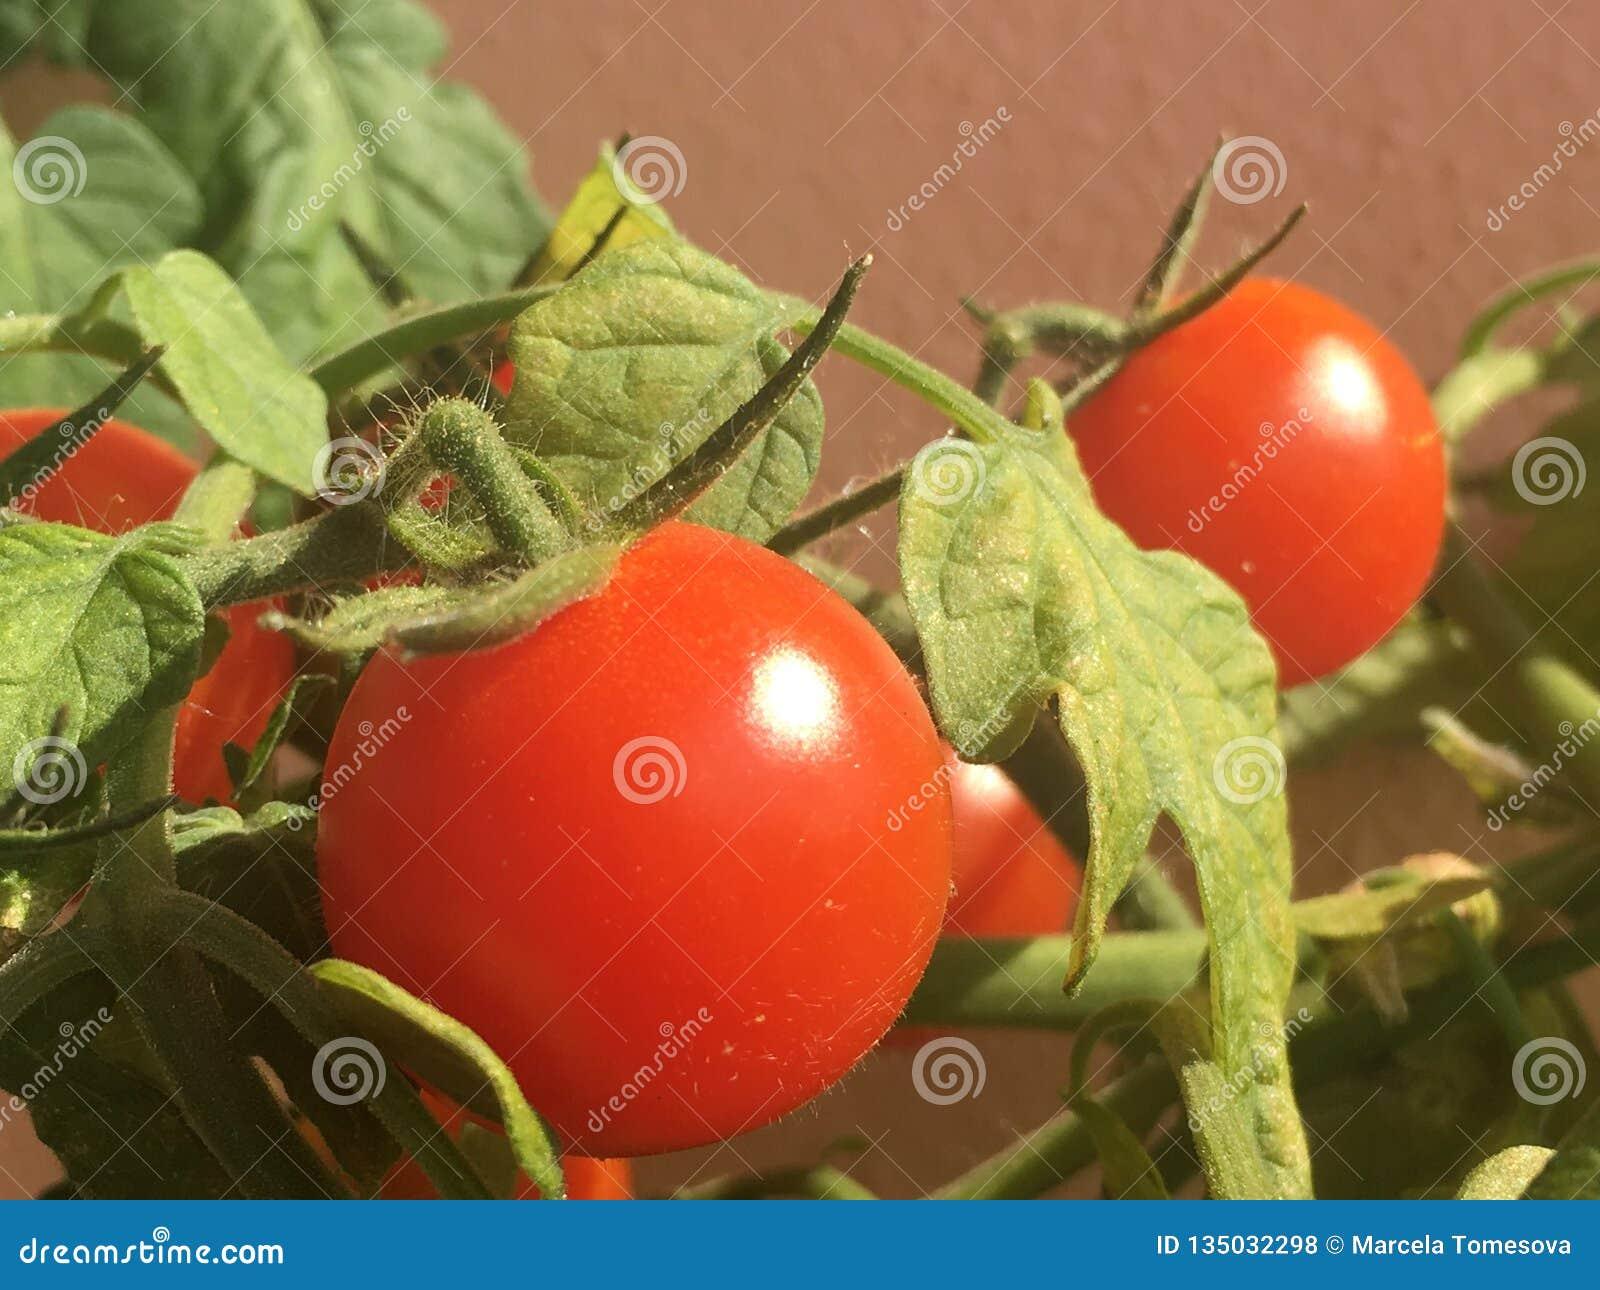 Dettaglio del pomodoro dello sherry